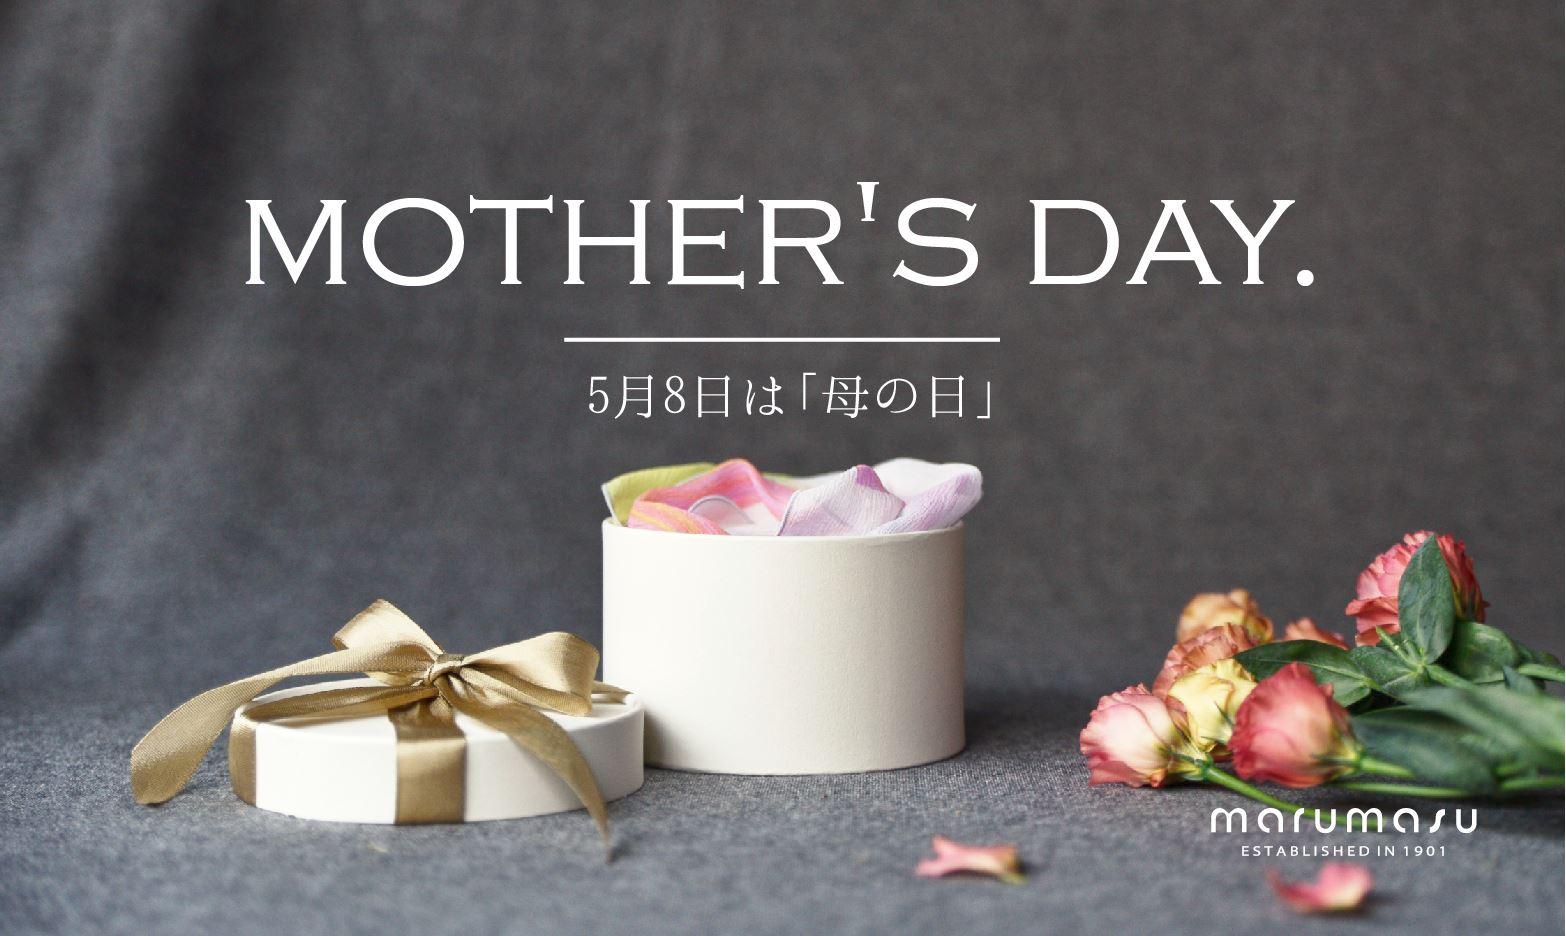 【母の日のプレゼントに】 春の華やかなシルク楊柳スカーフを発売